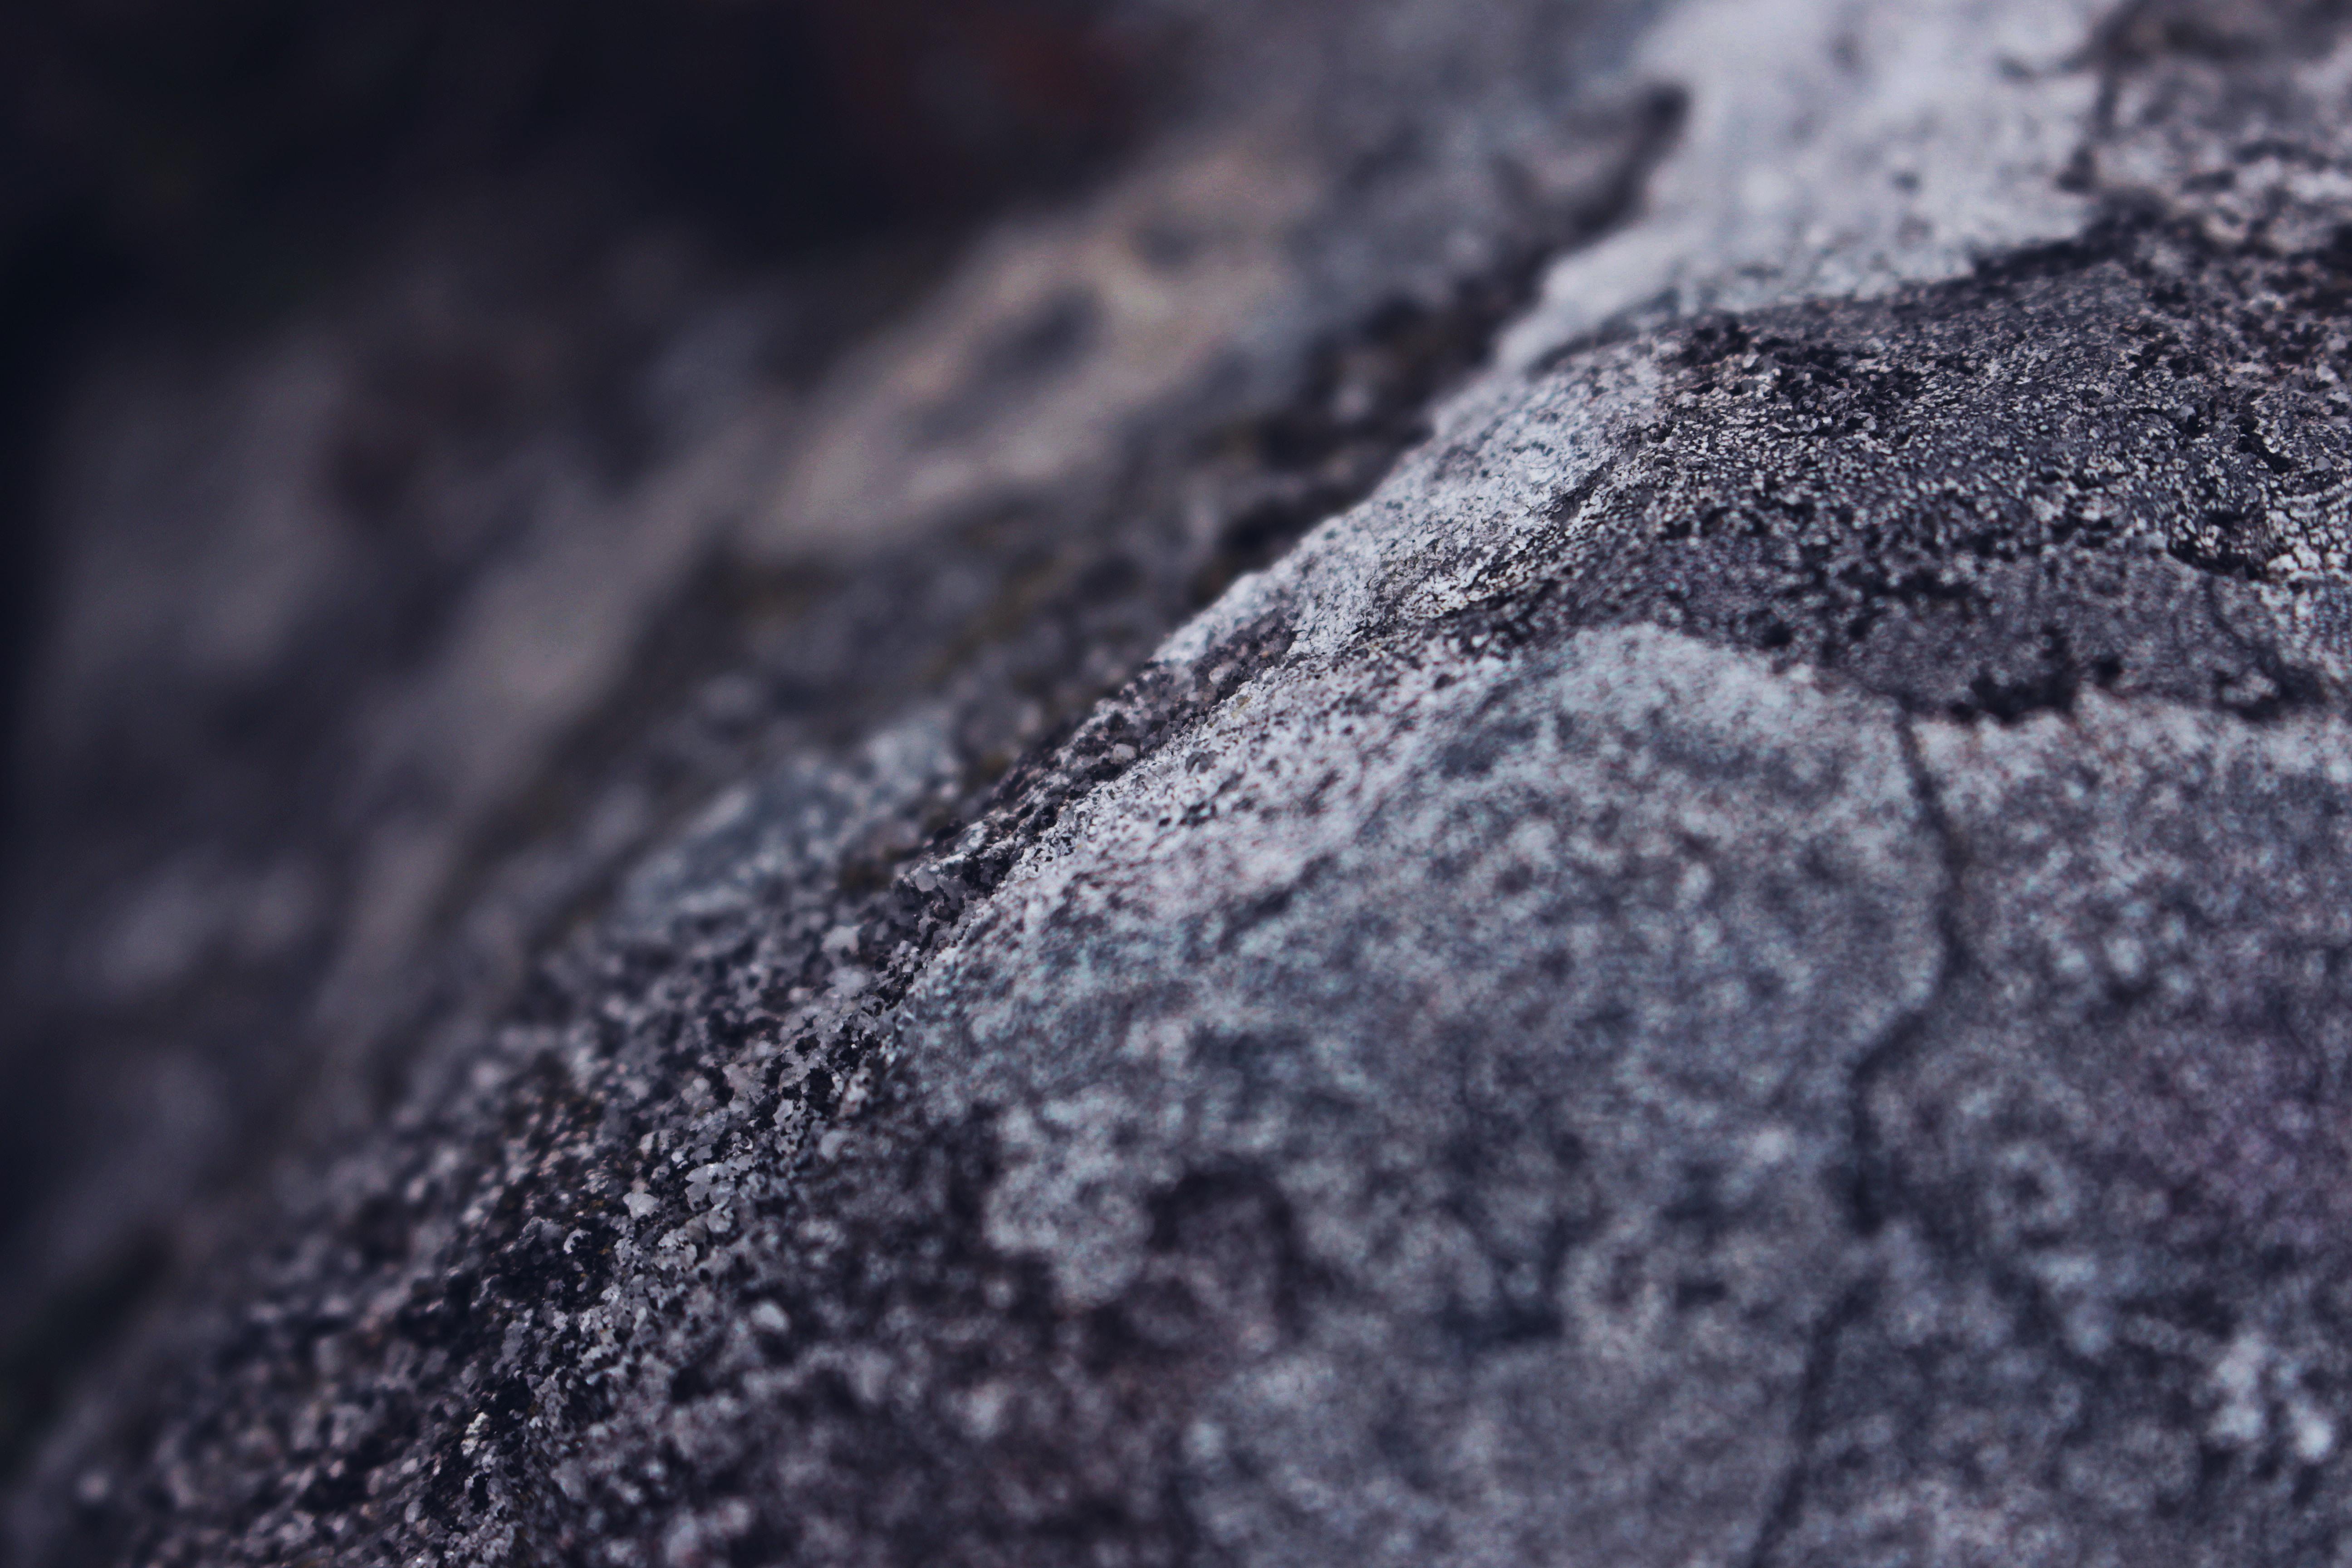 closeup photo of grey pavement